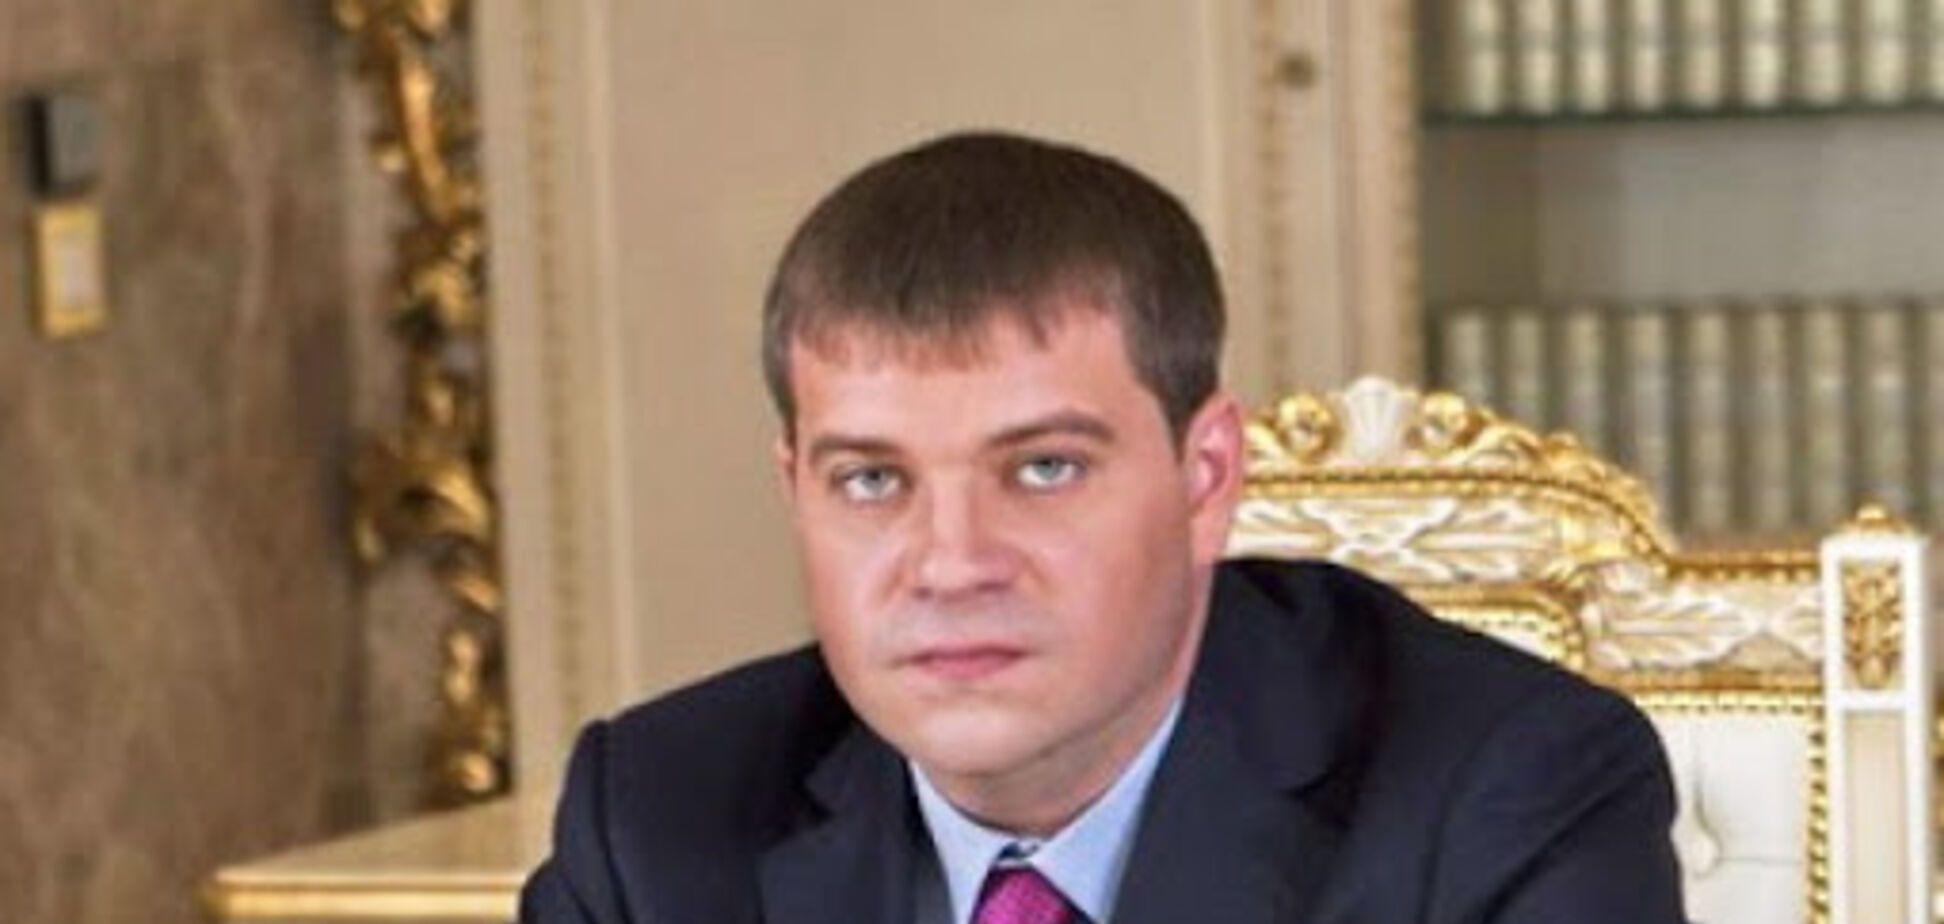 Євген Анісімов: затримали 'смотрящого' часів Януковича